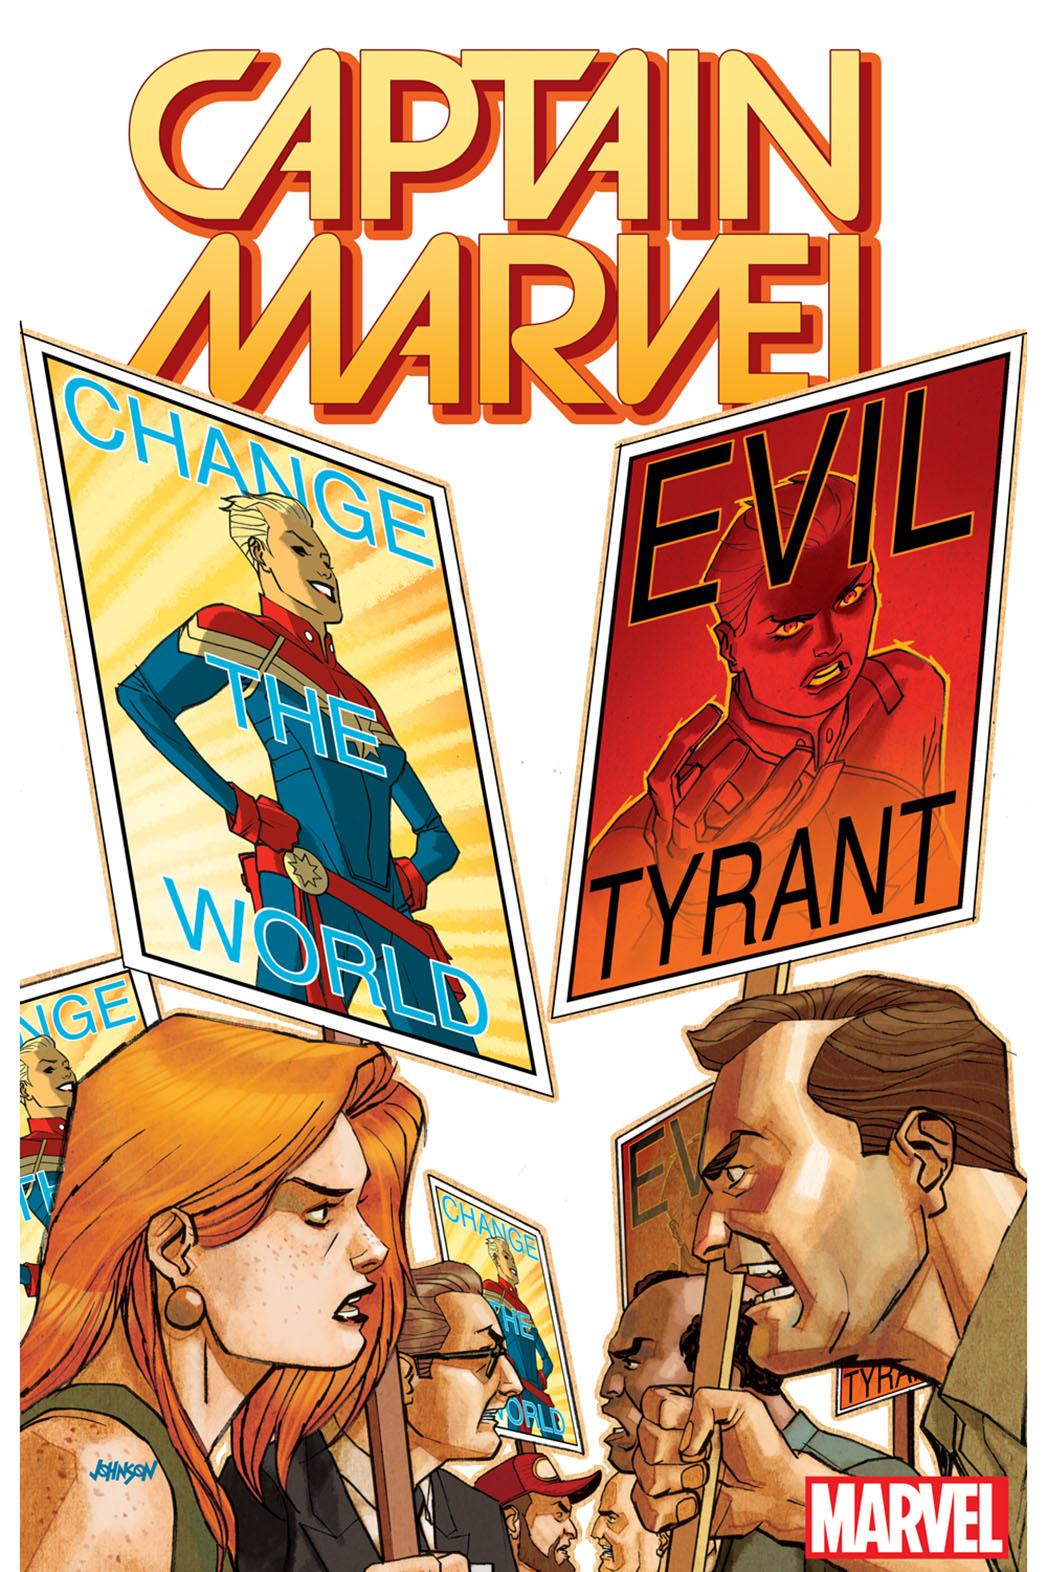 Captain_Marvel_Cover - Publicity - P 2016